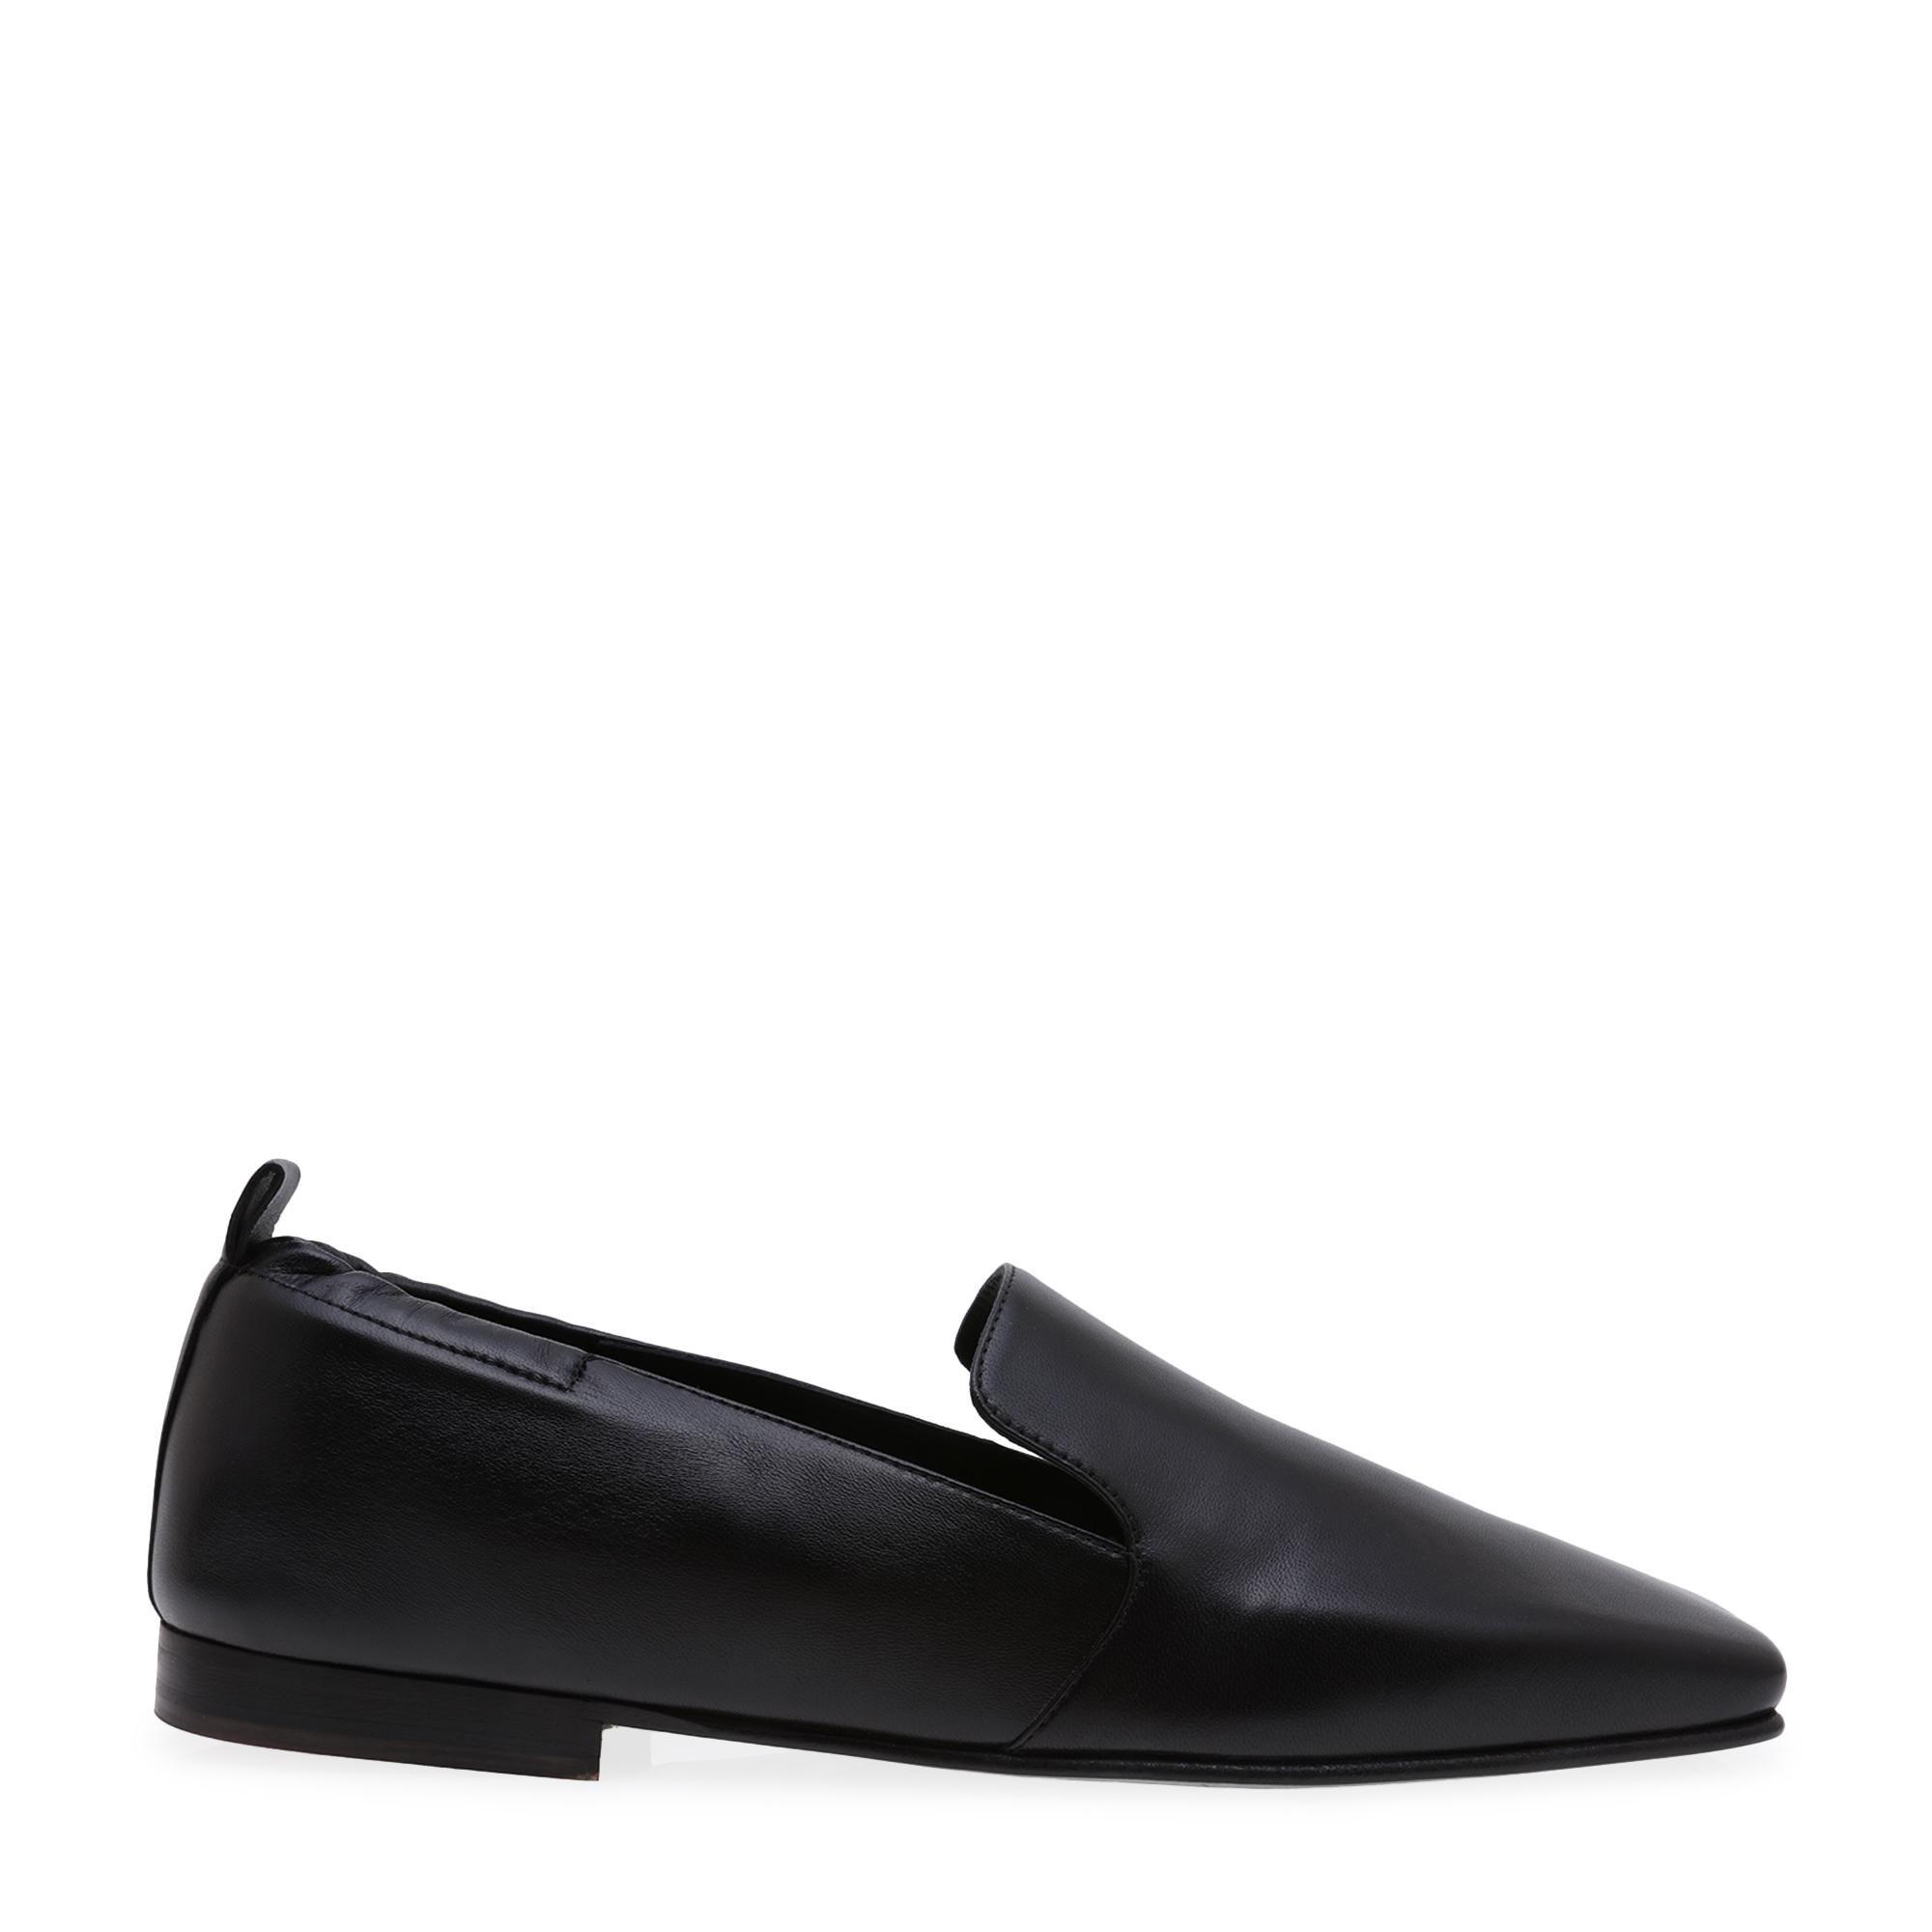 Talara loafers